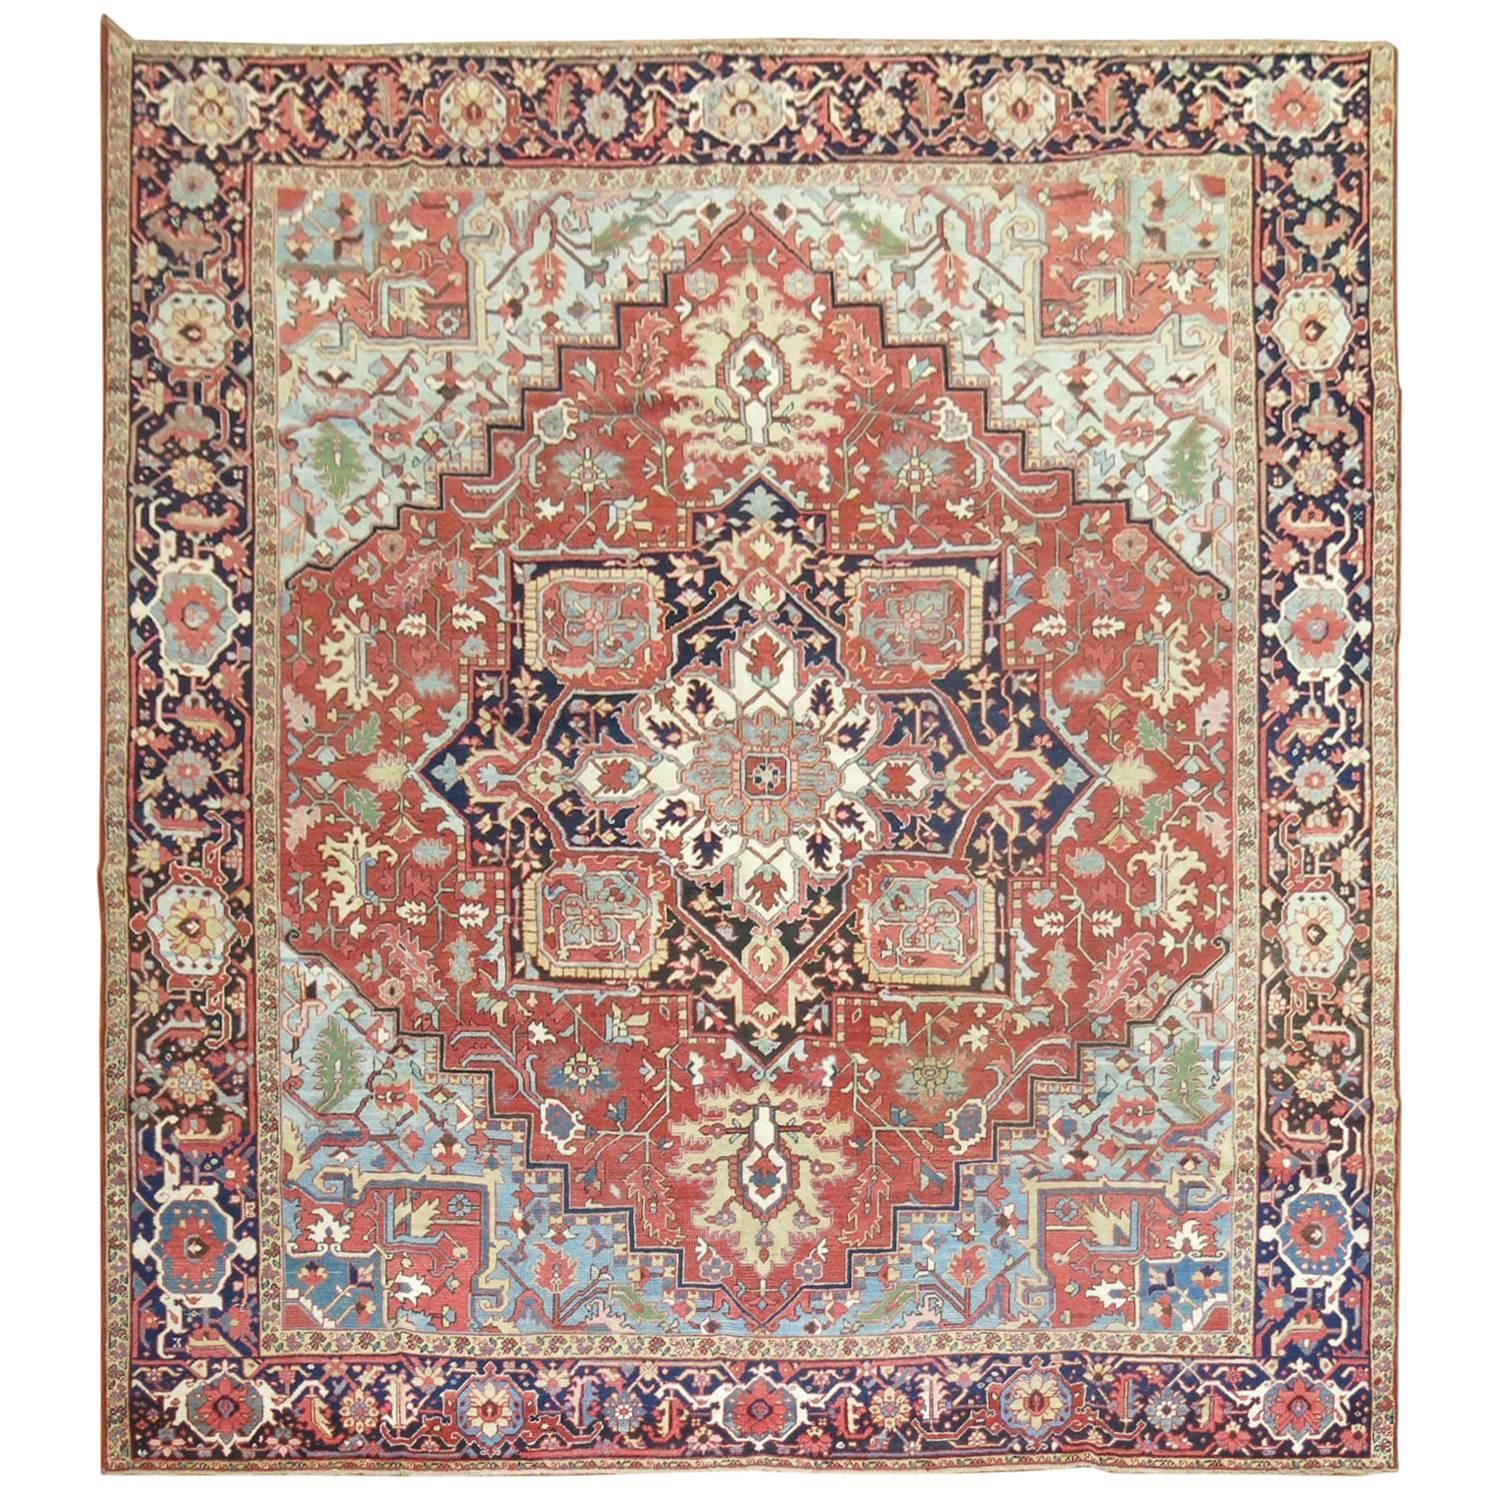 Square Antique Persian Heriz Serapi Rug, Northwest Persia